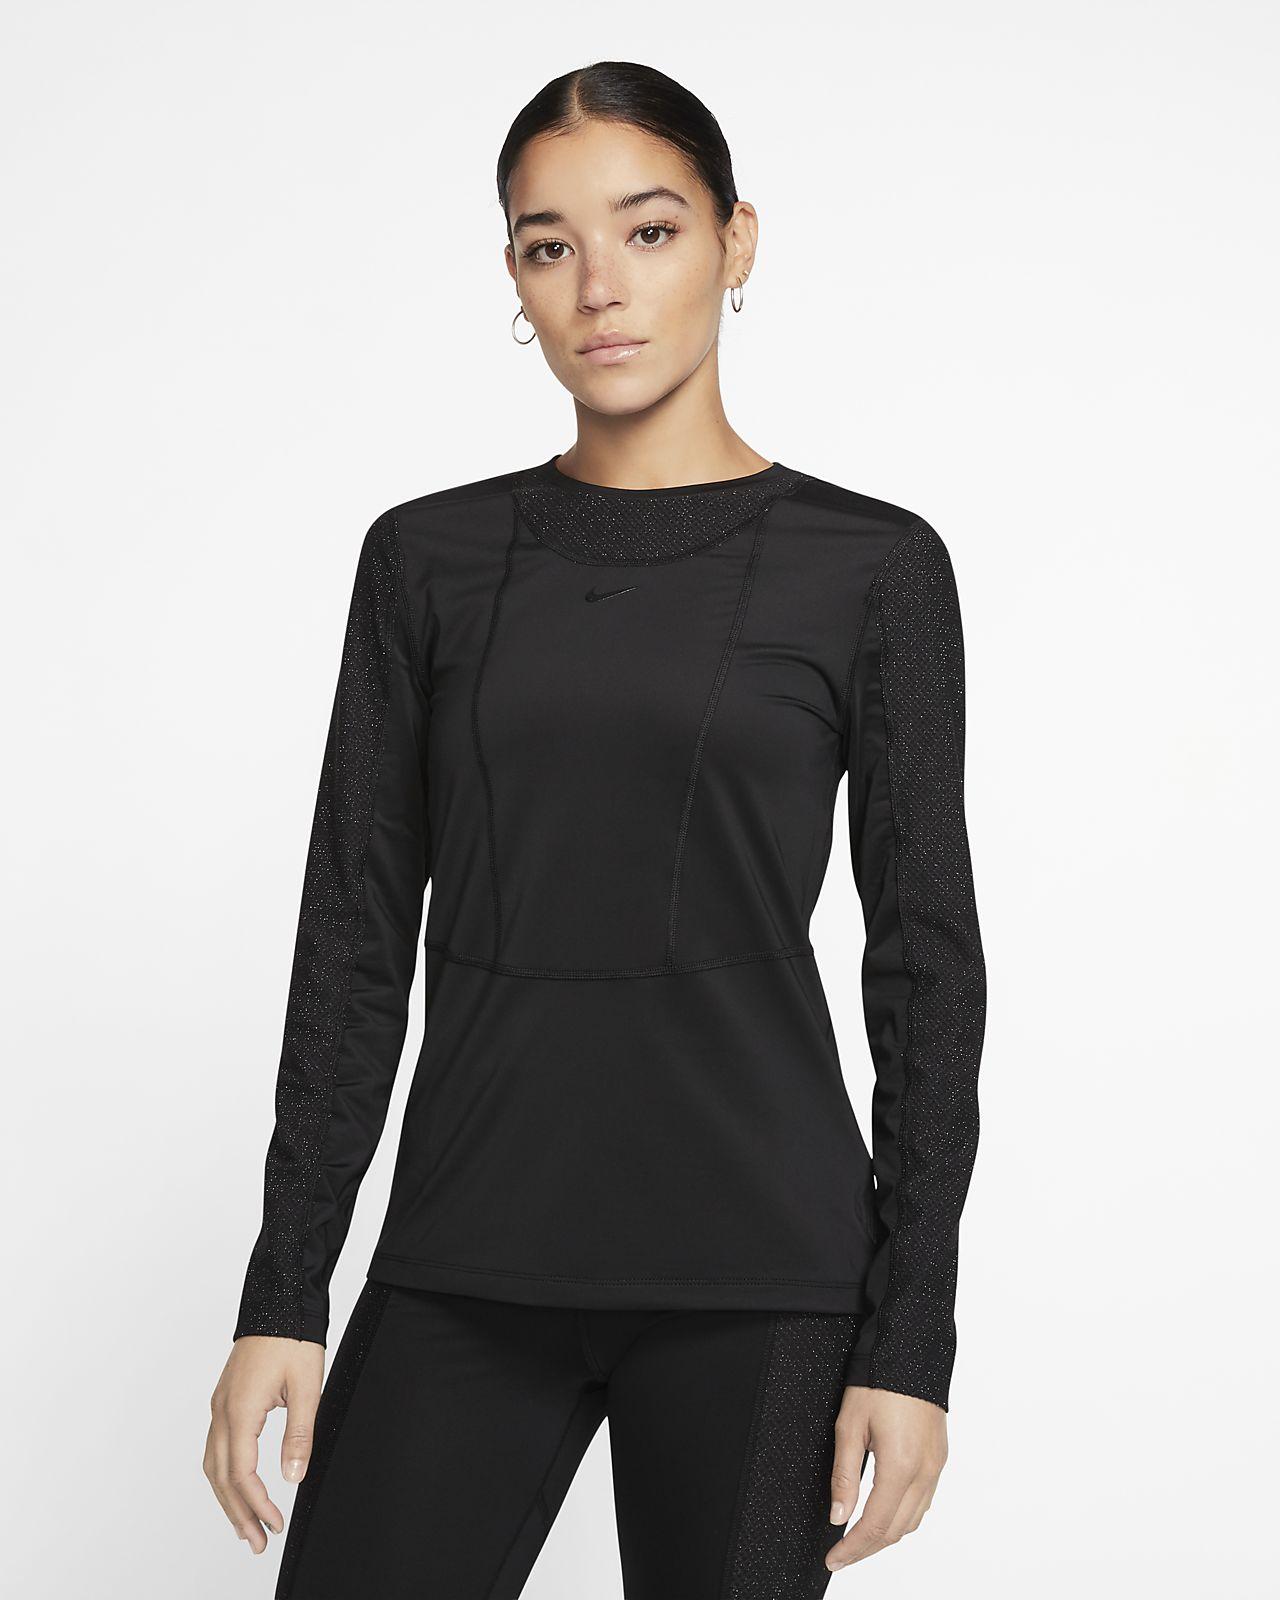 Nike Pro Warm Women's Long Sleeve Top